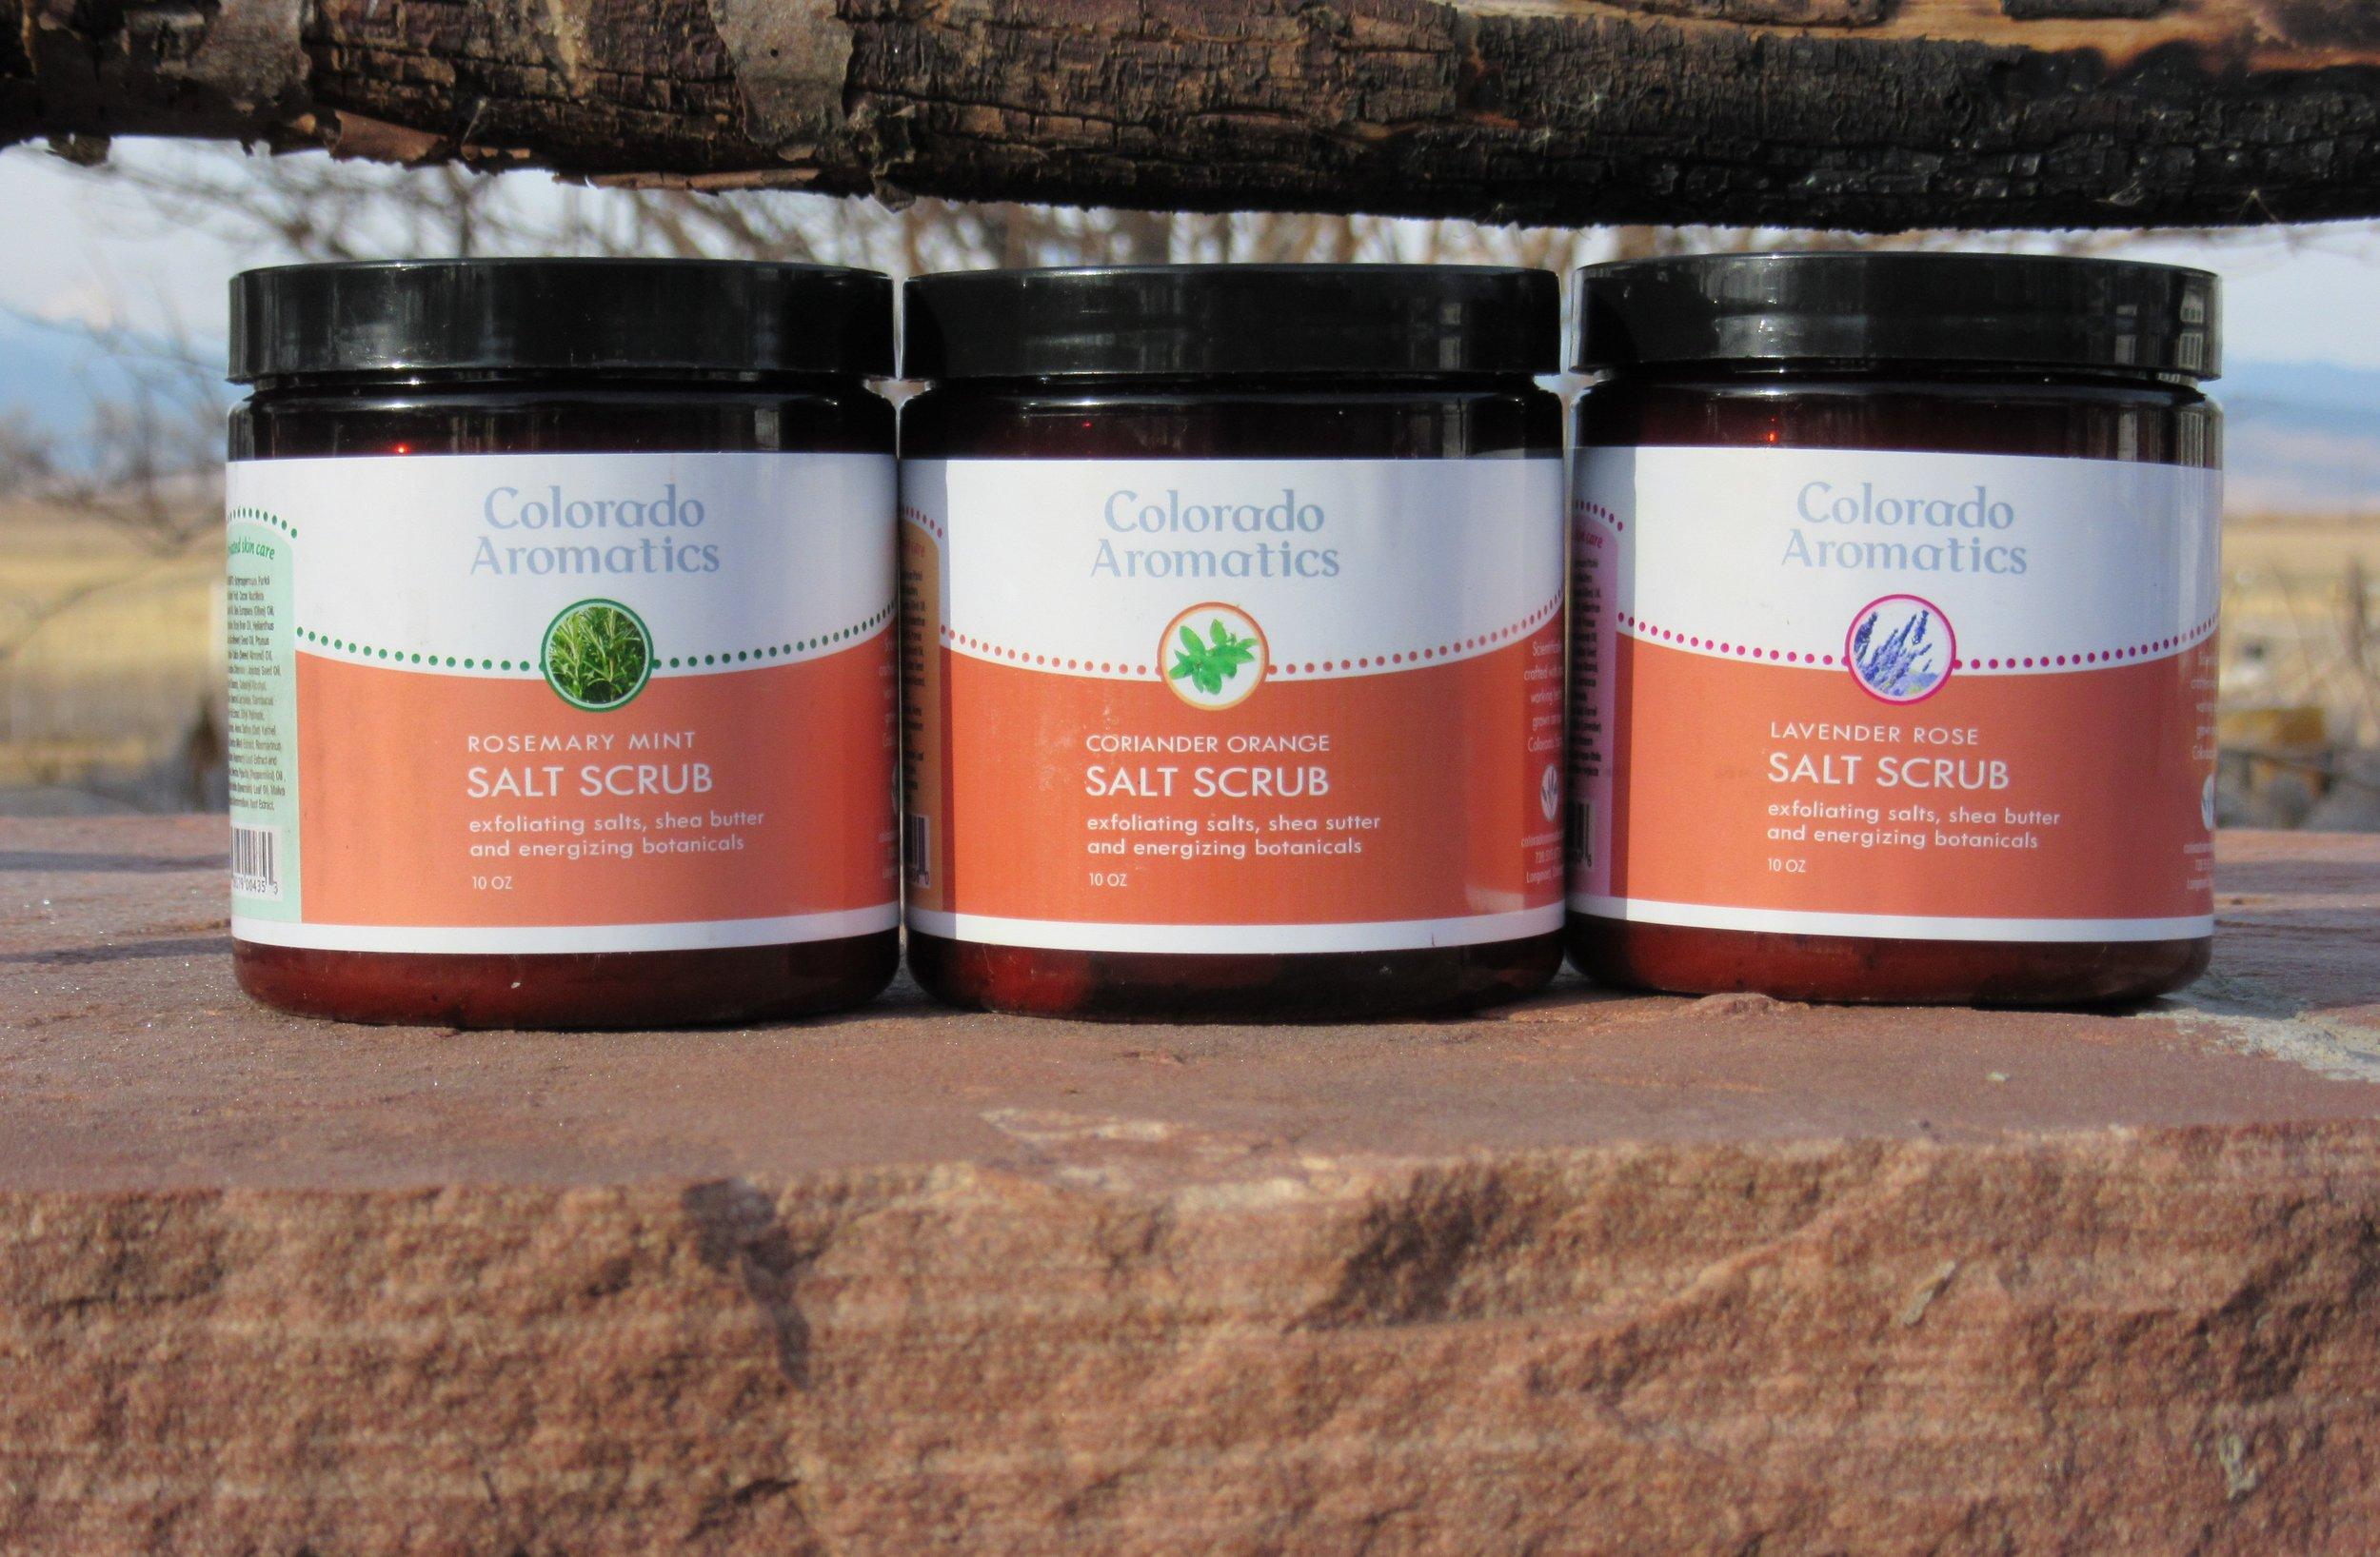 Colorado Aromatics.jpg